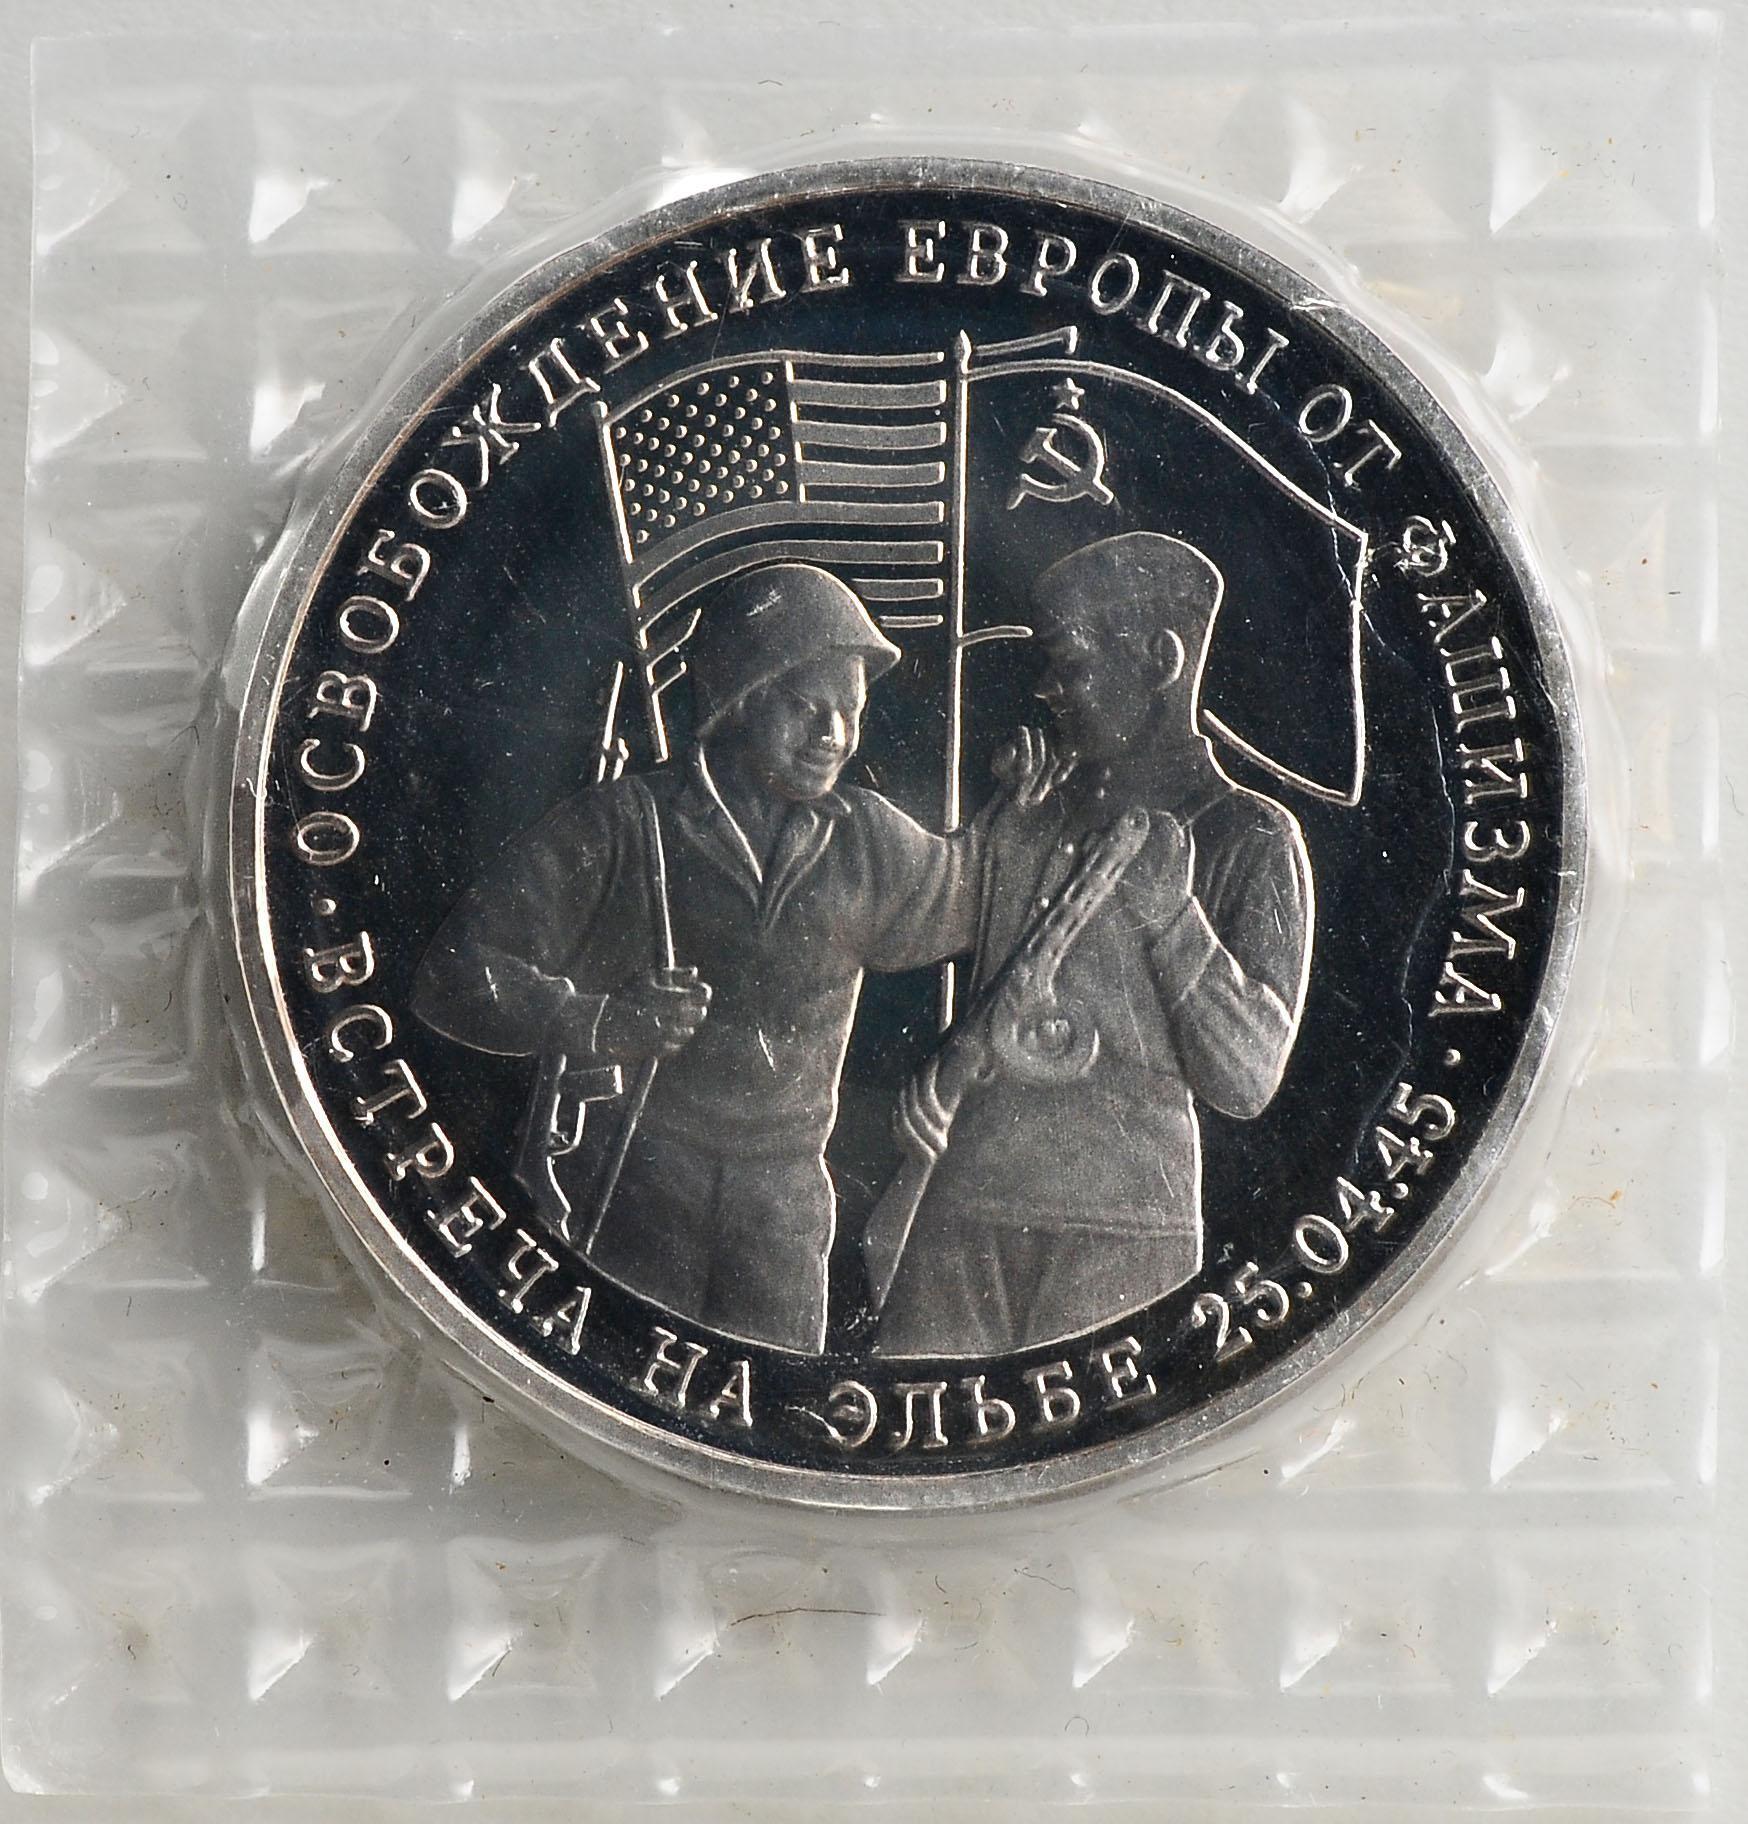 Монета Освобождение Европы от фашизма. Встреча на Эльбе